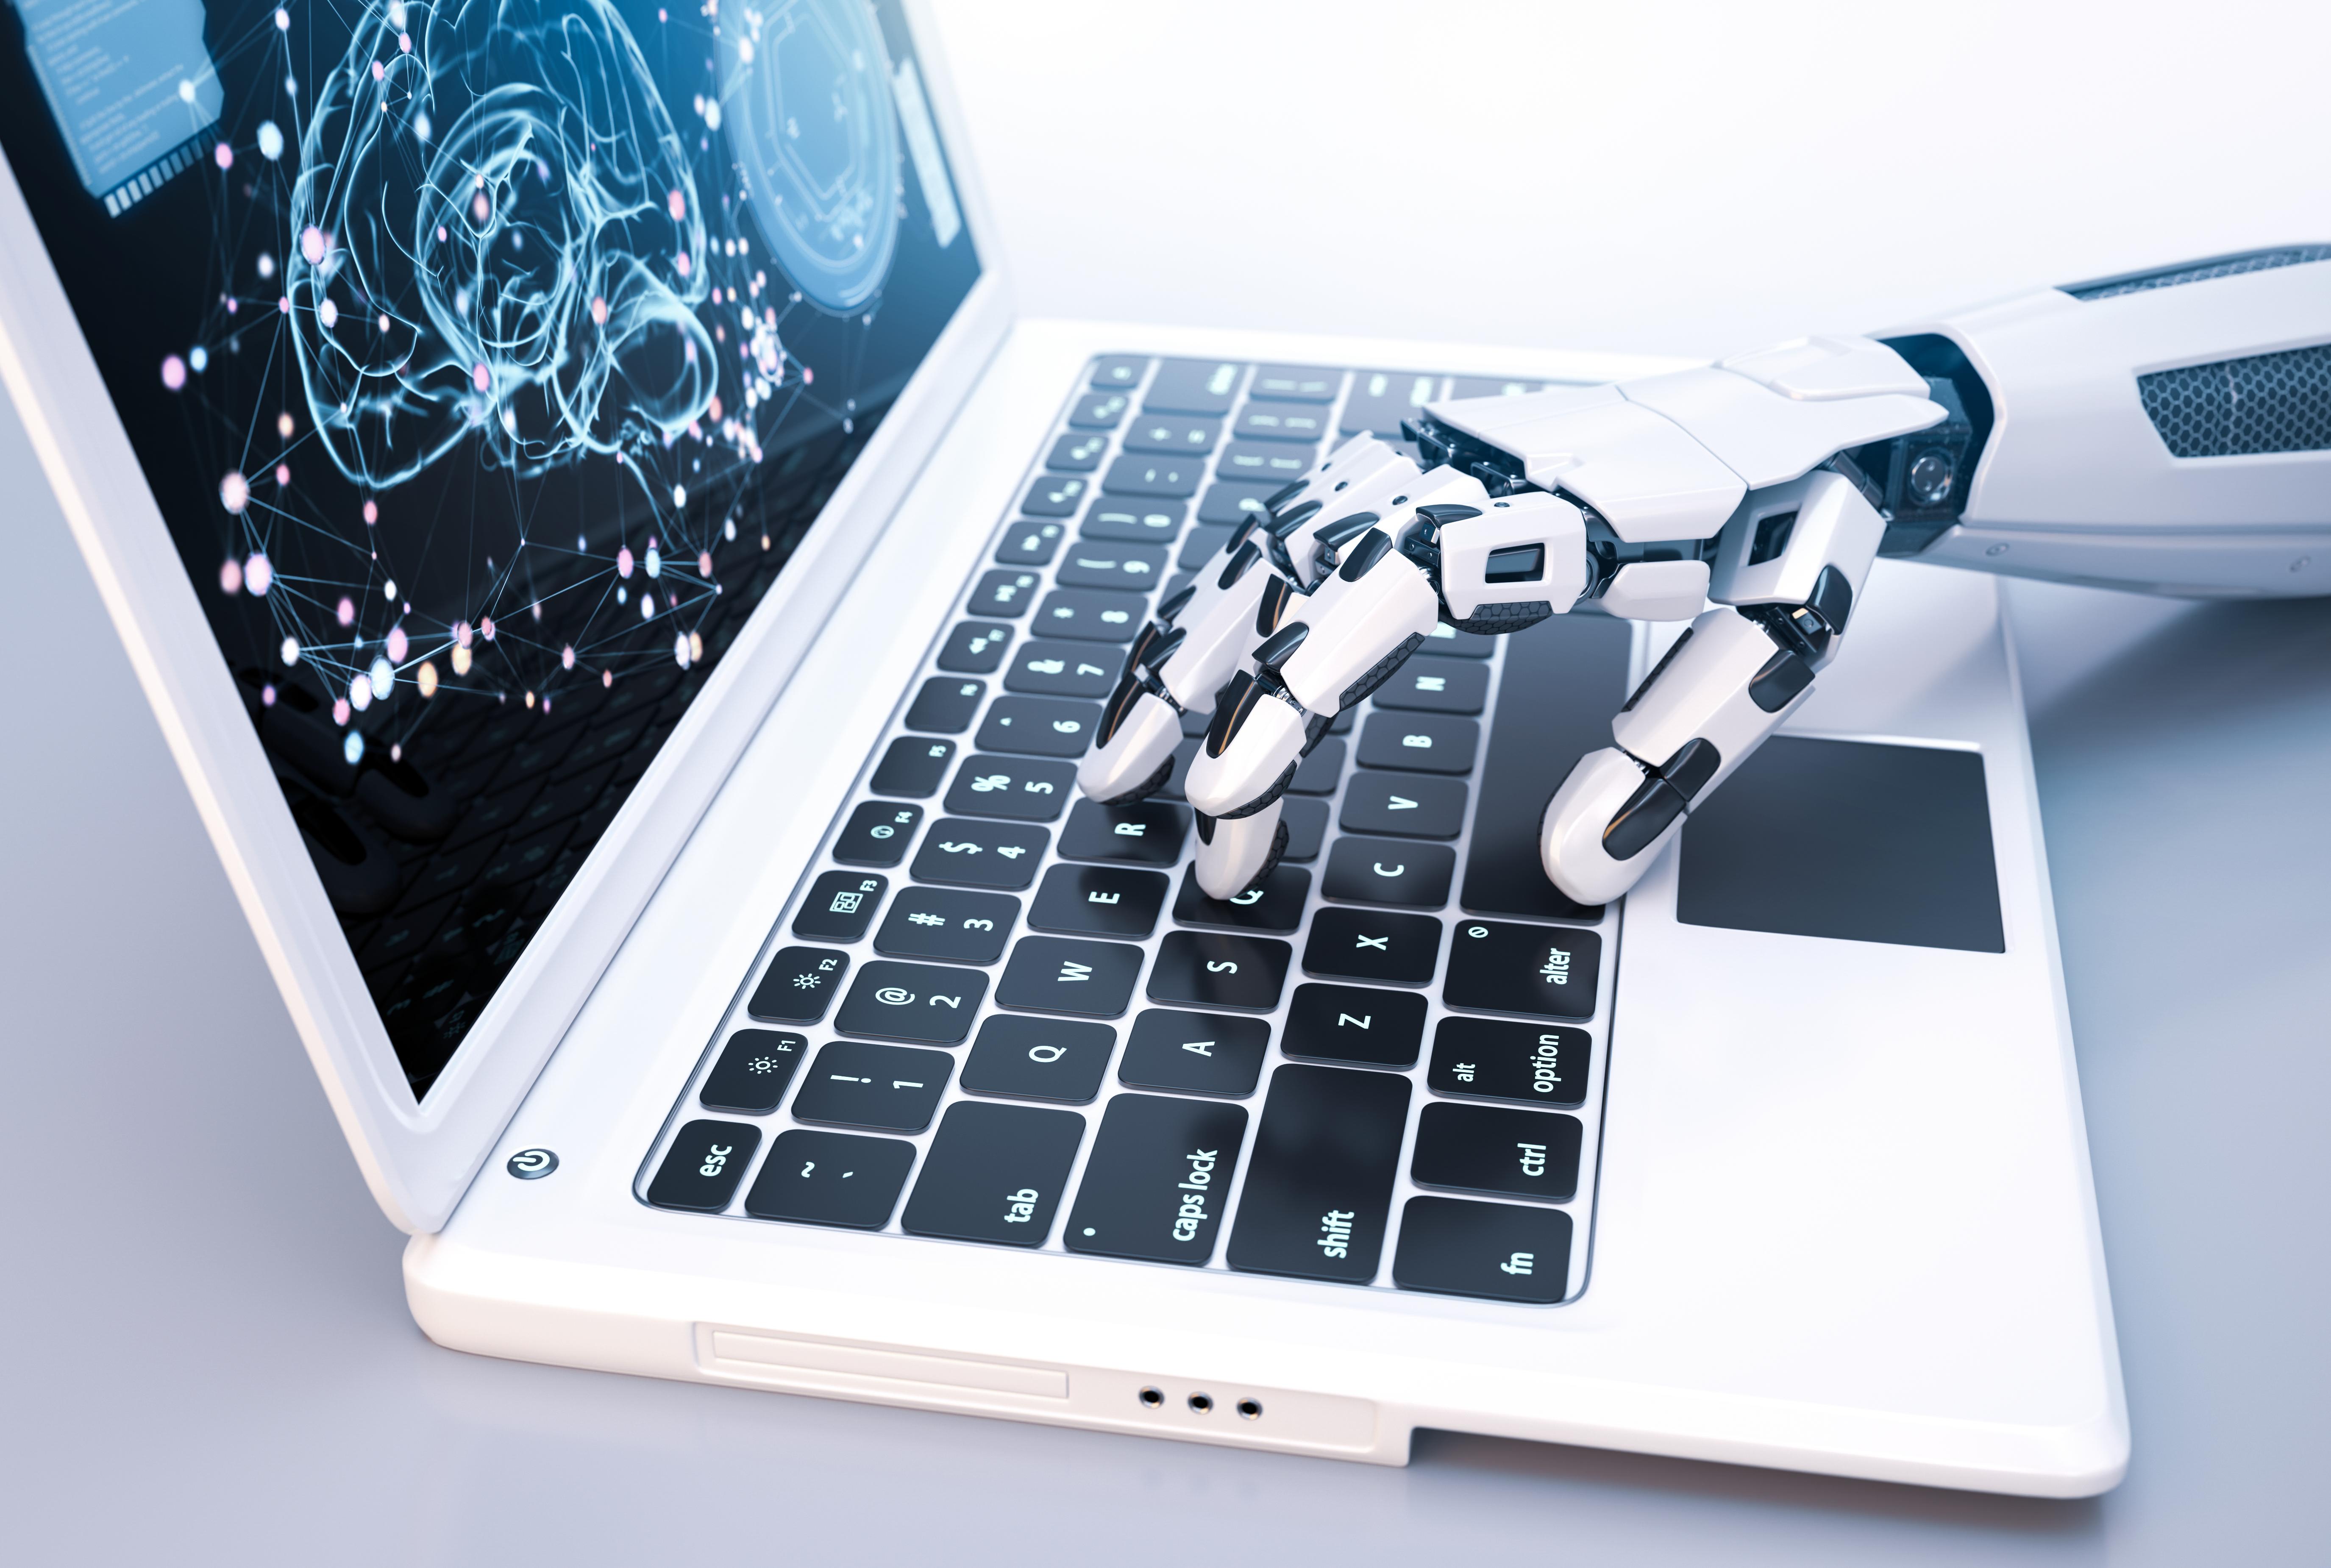 робот печатает накомпьютере